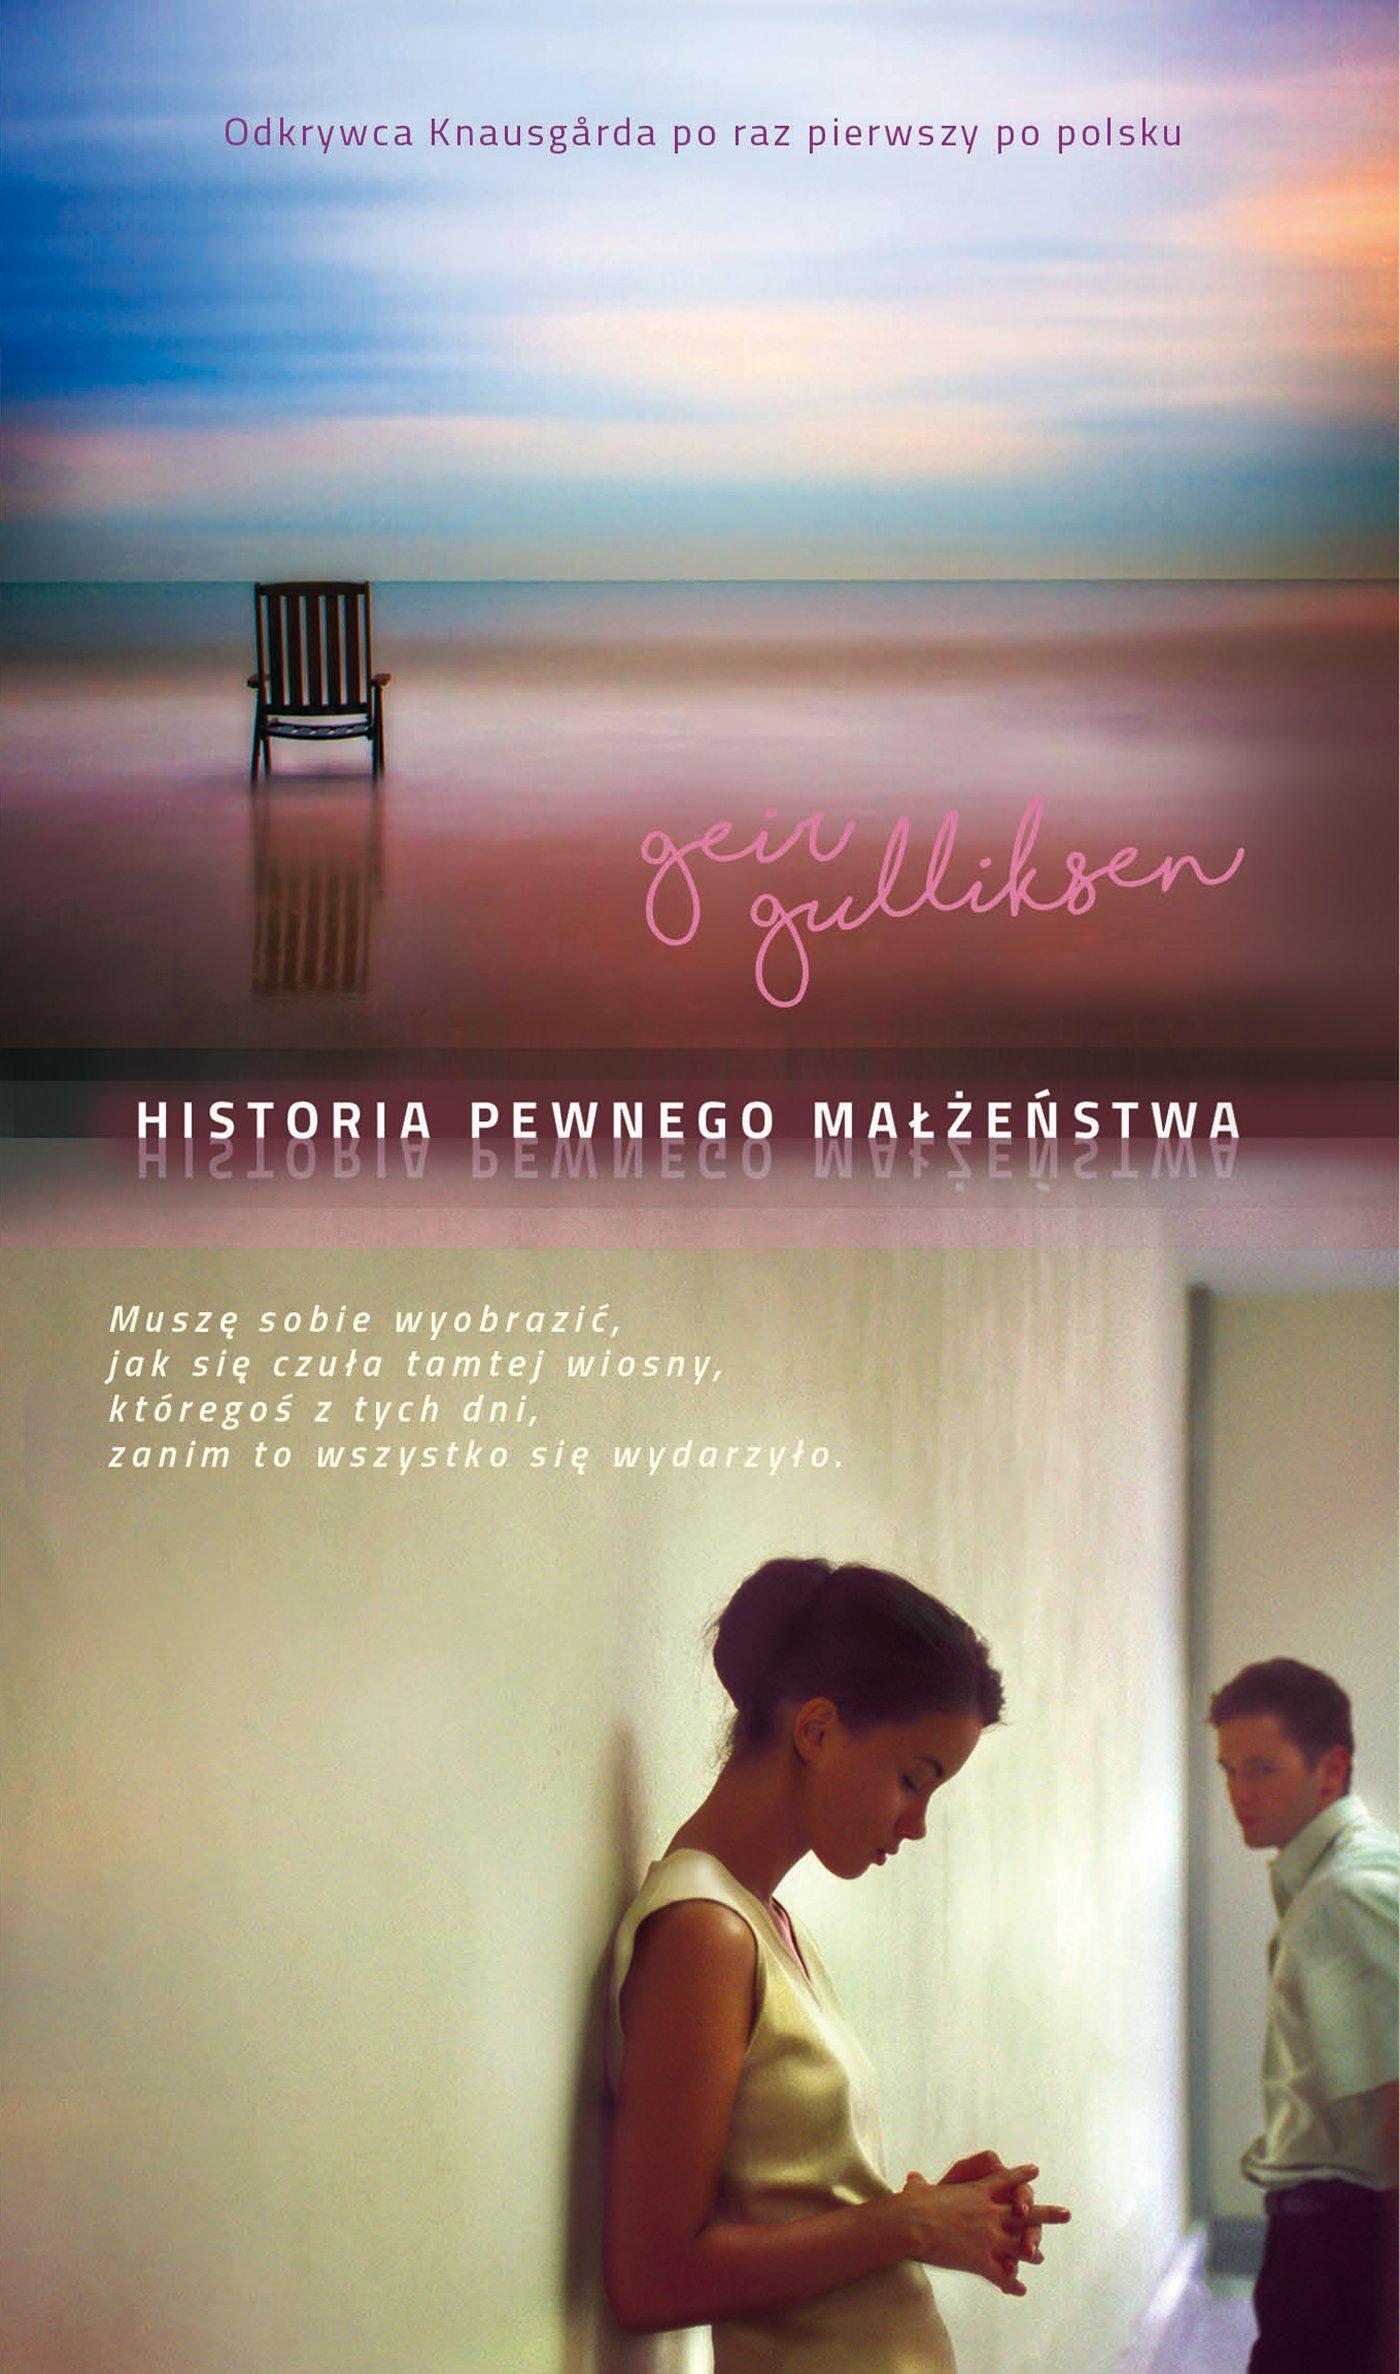 Historia pewnego małżeństwa - Ebook (Książka na Kindle) do pobrania w formacie MOBI